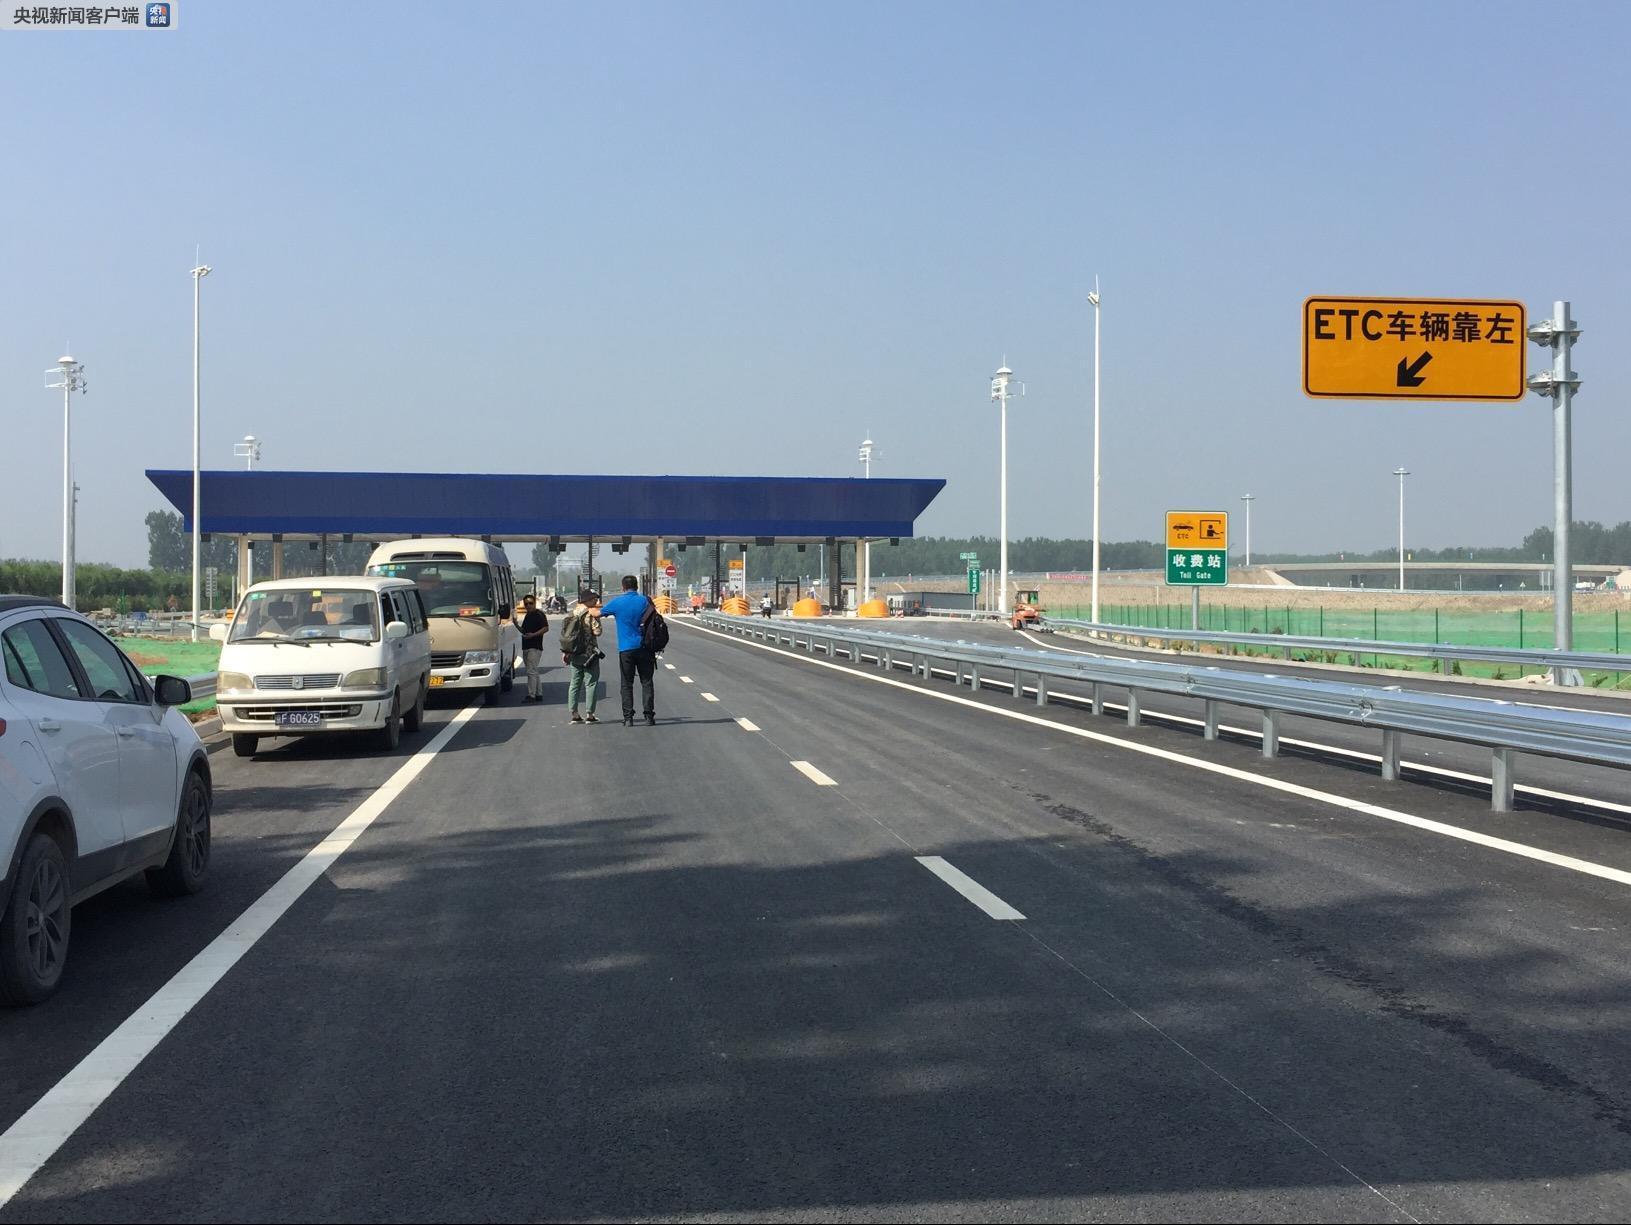 6月20日,记者在首都环线高速的通州�t县南收费站看到,工人们正在进行道路标识安装。